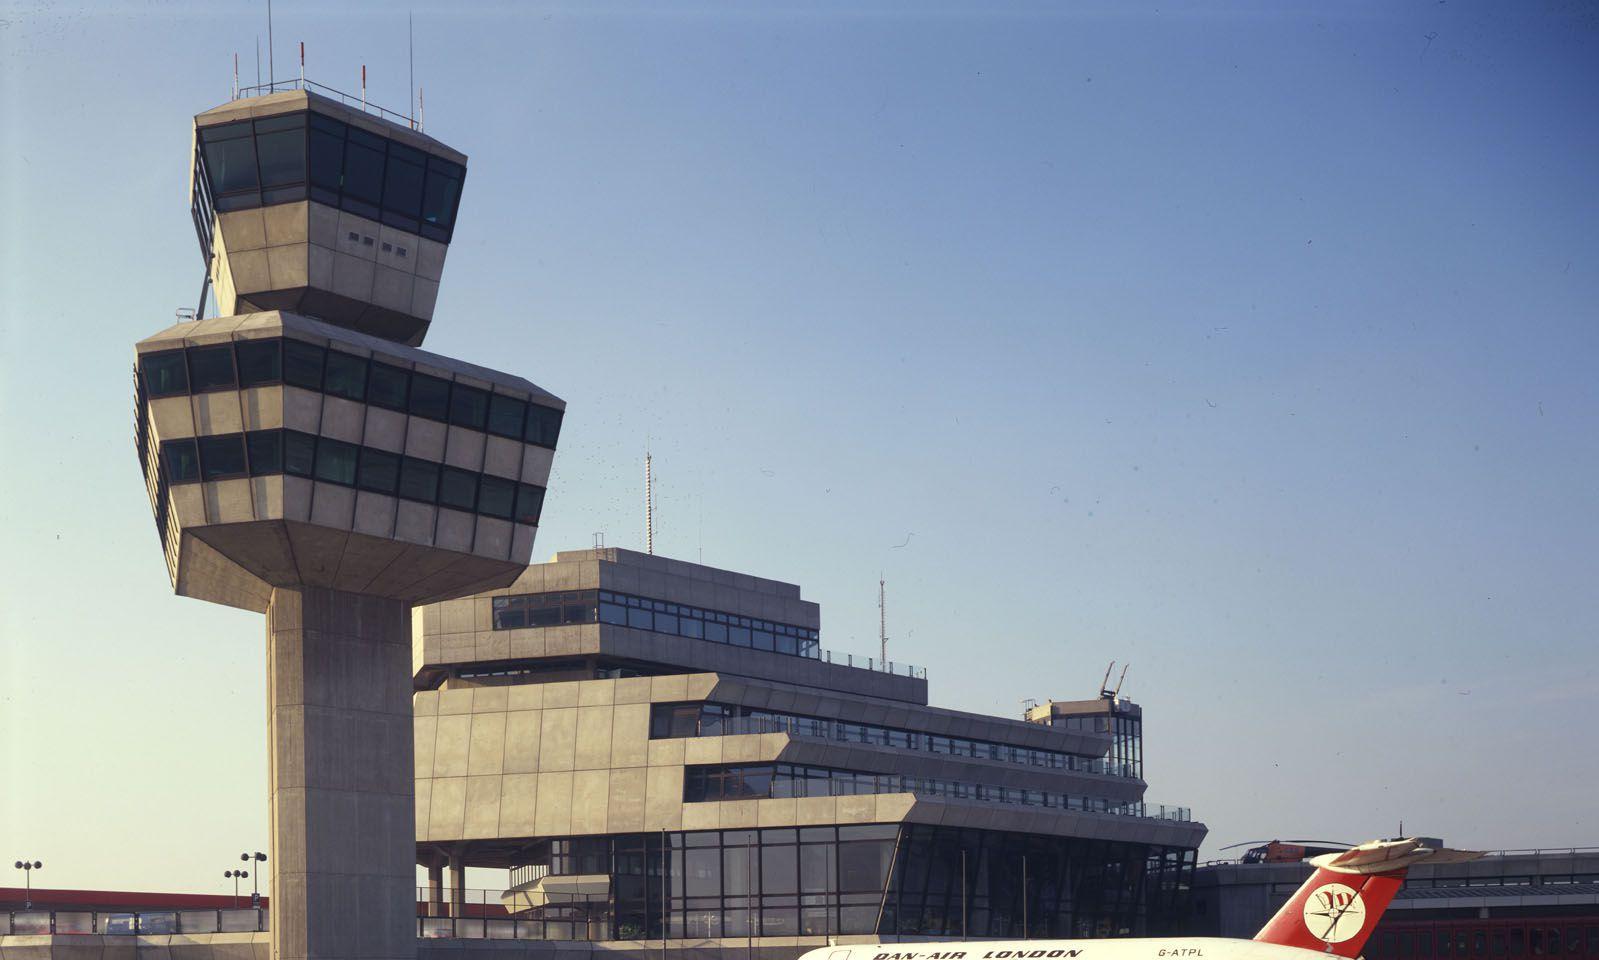 Abgesang auf einen pummeligen Provinzflughafen [premium]